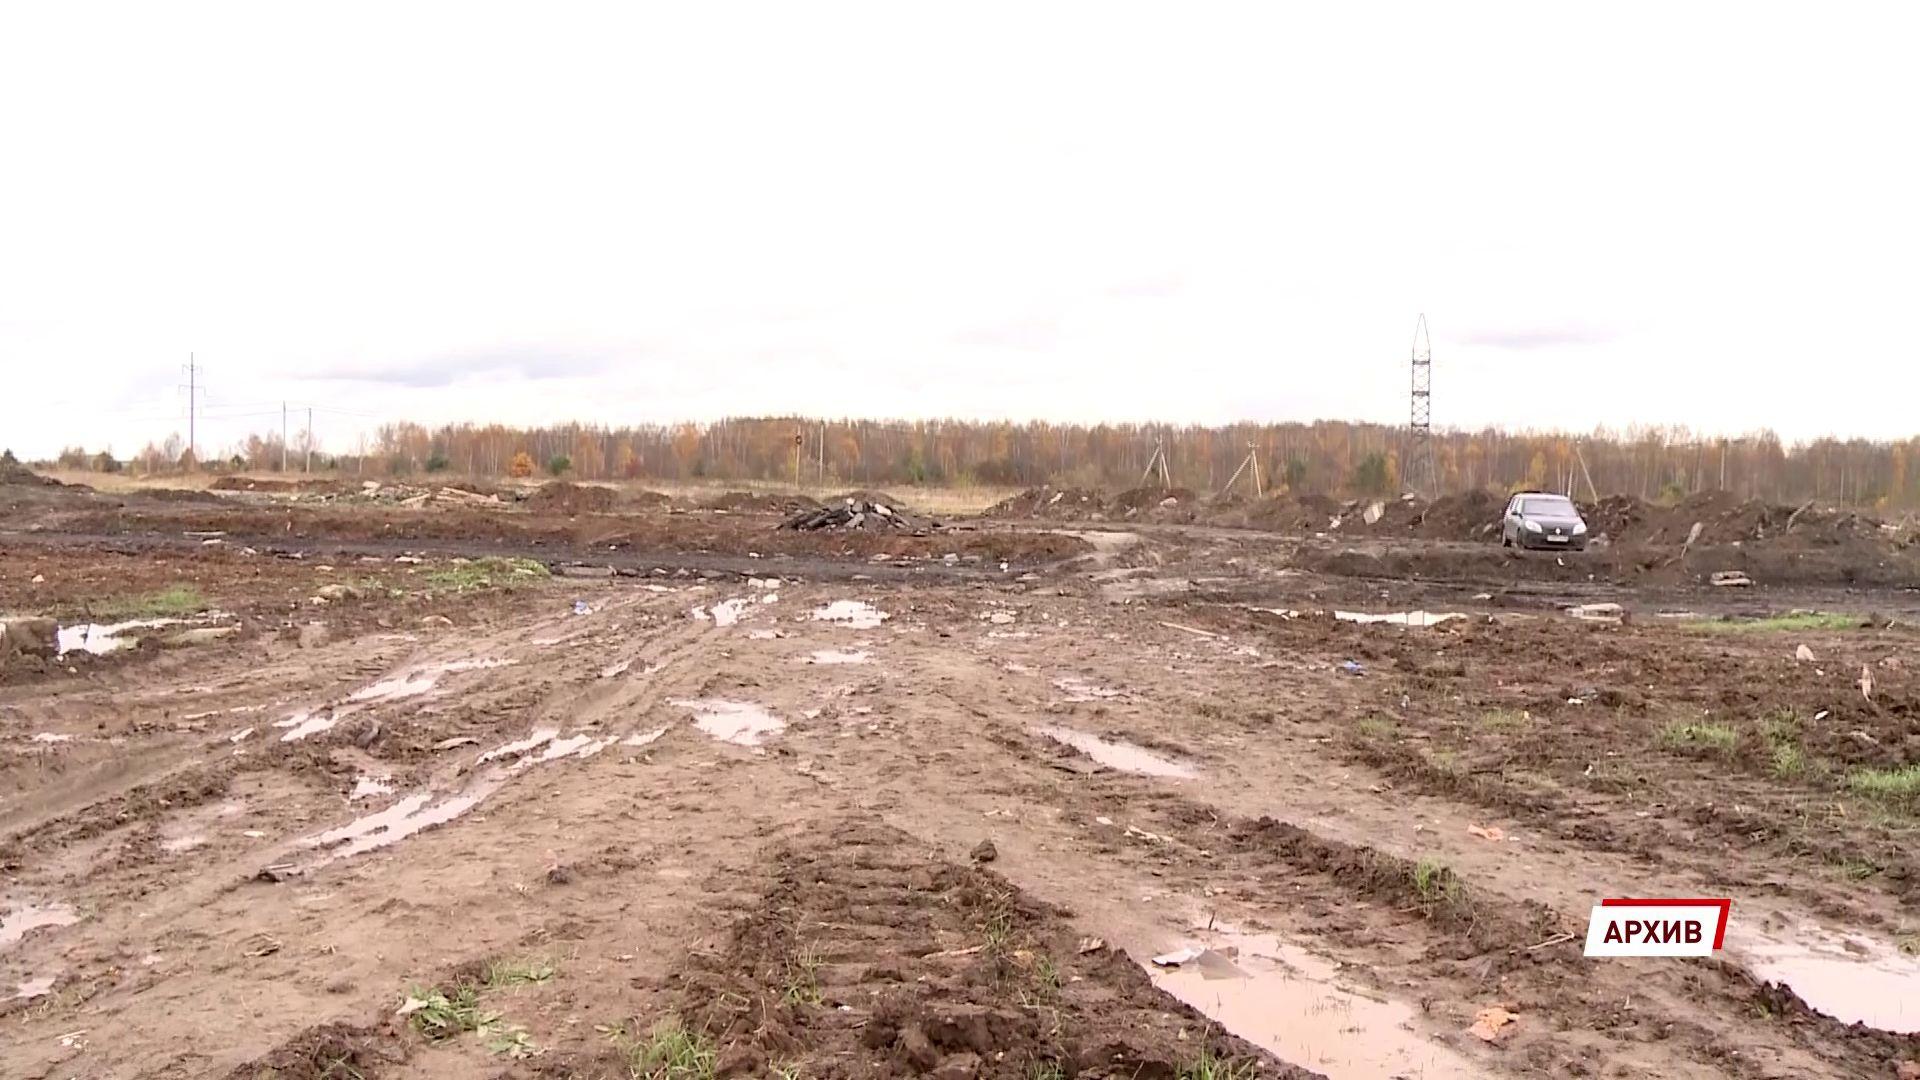 Осташинское кладбище планируют открыть к концу июня